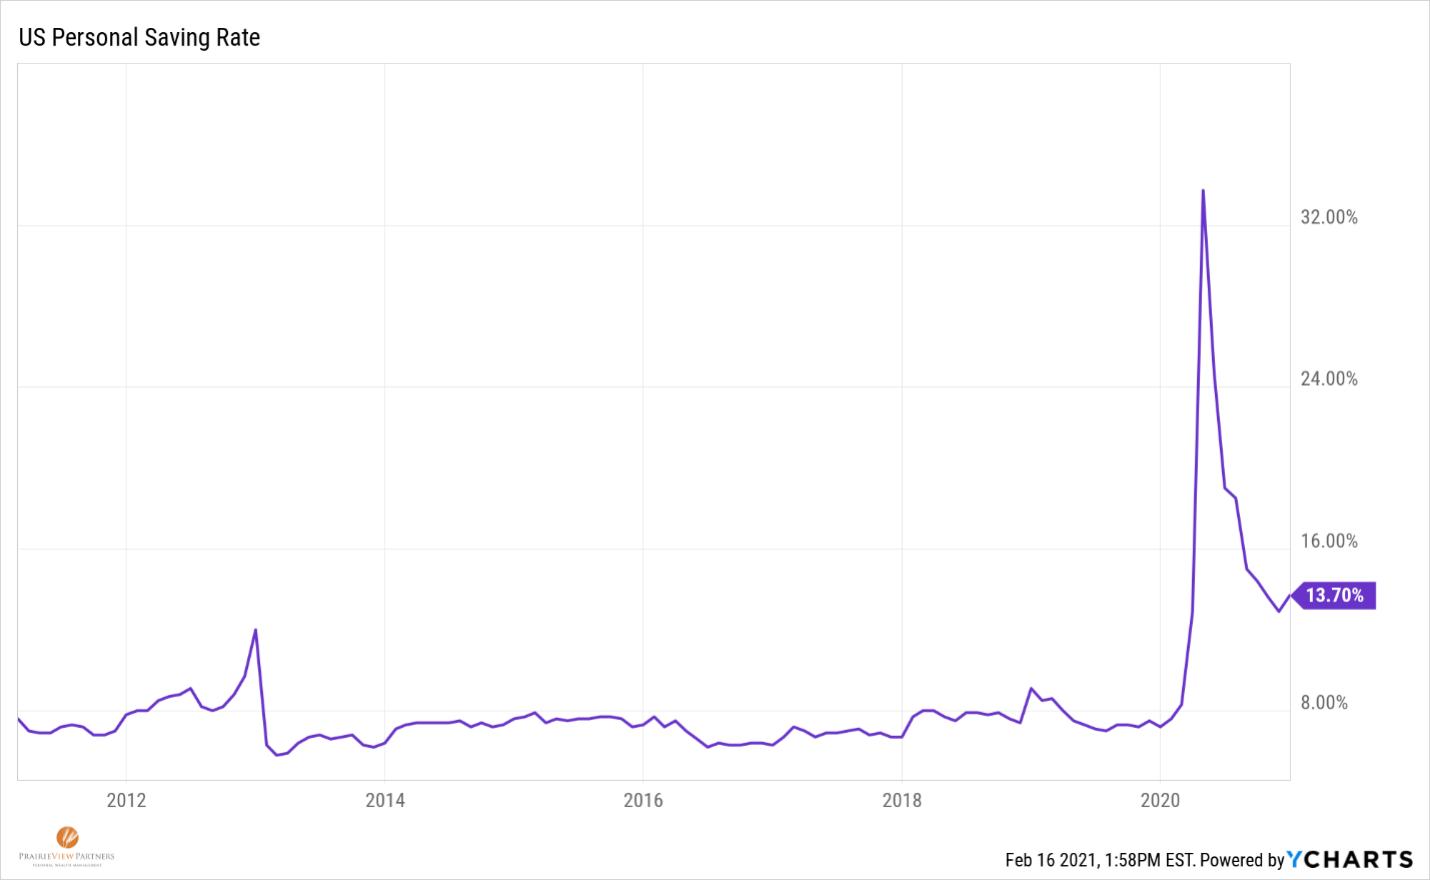 US personal savings rate graph